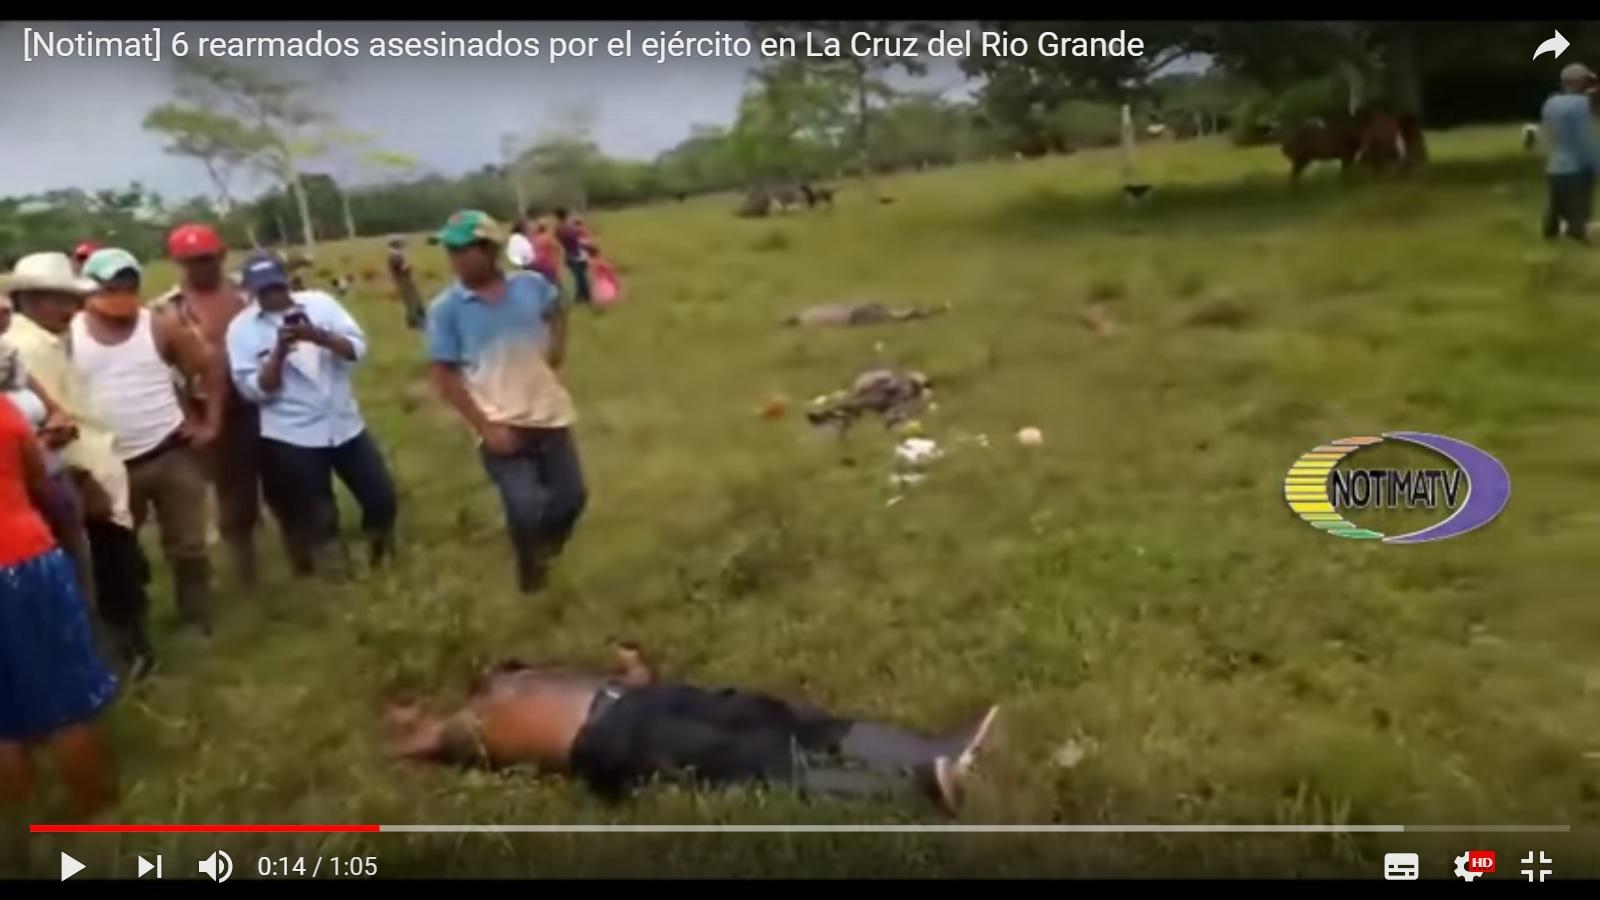 Exhumarán a rearmados masacrados en La Cruz de Río Grande